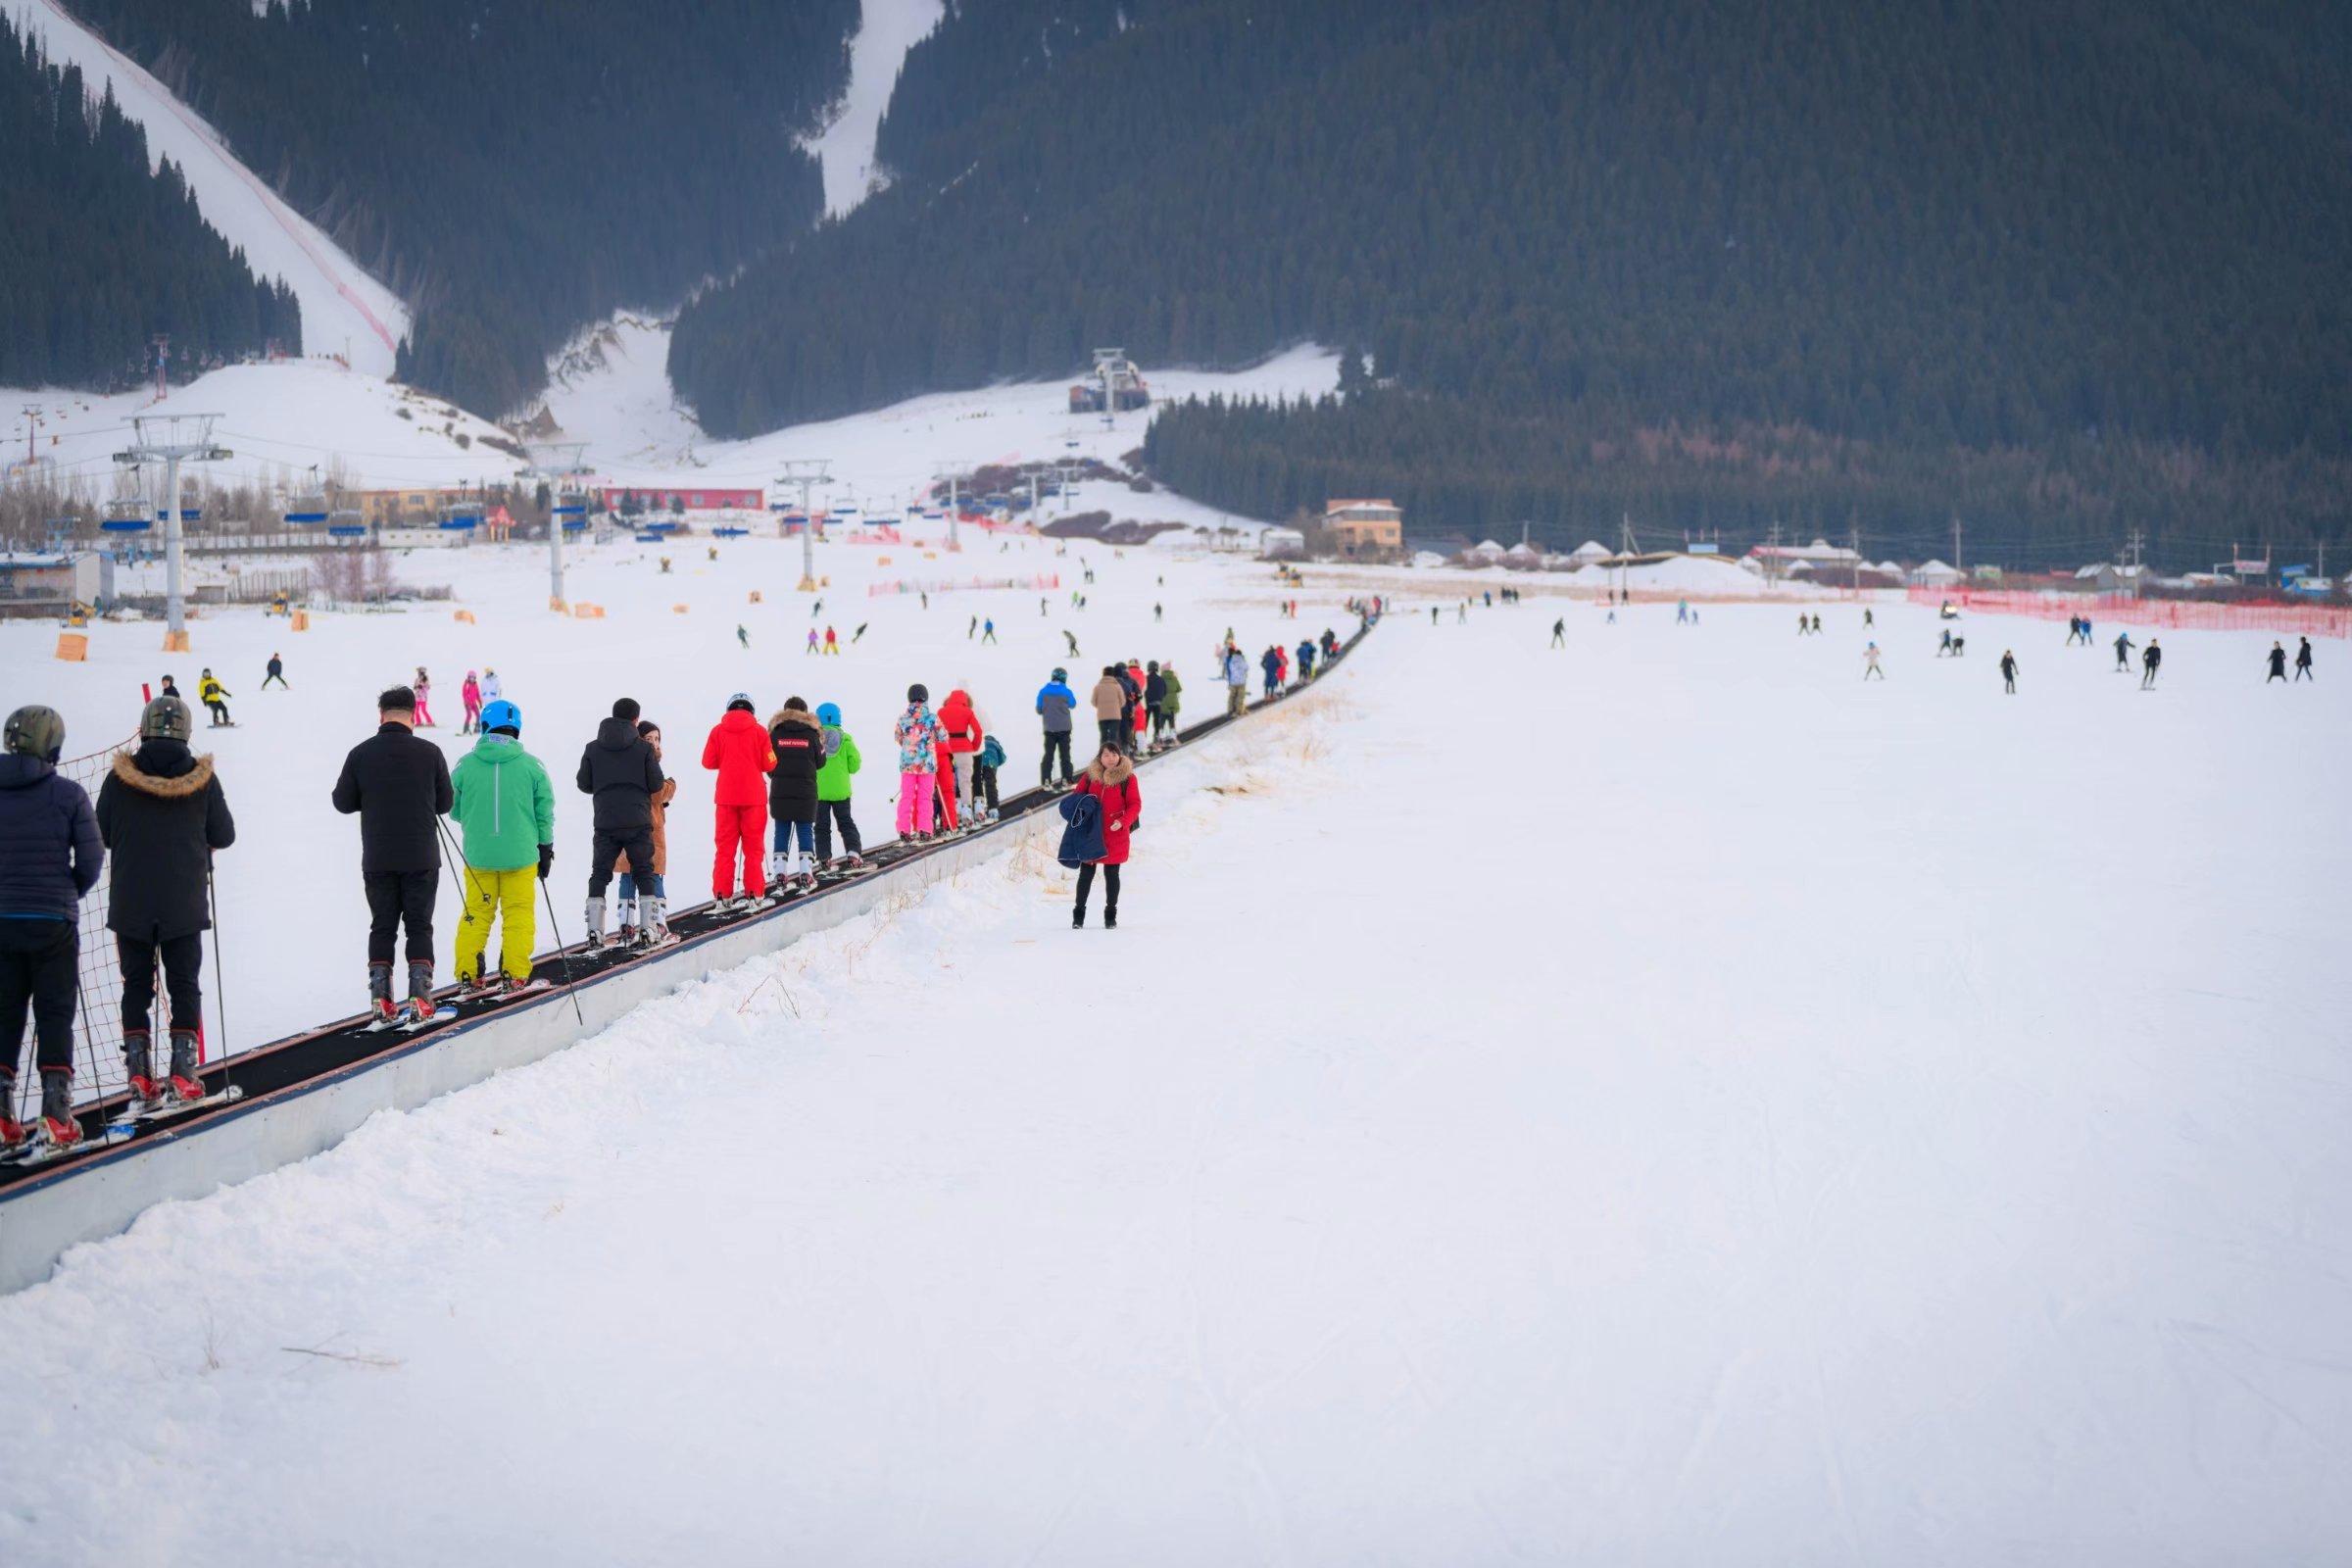 坐落在2500米天山山脉的国际滑雪场,新疆丝绸之路滑雪场